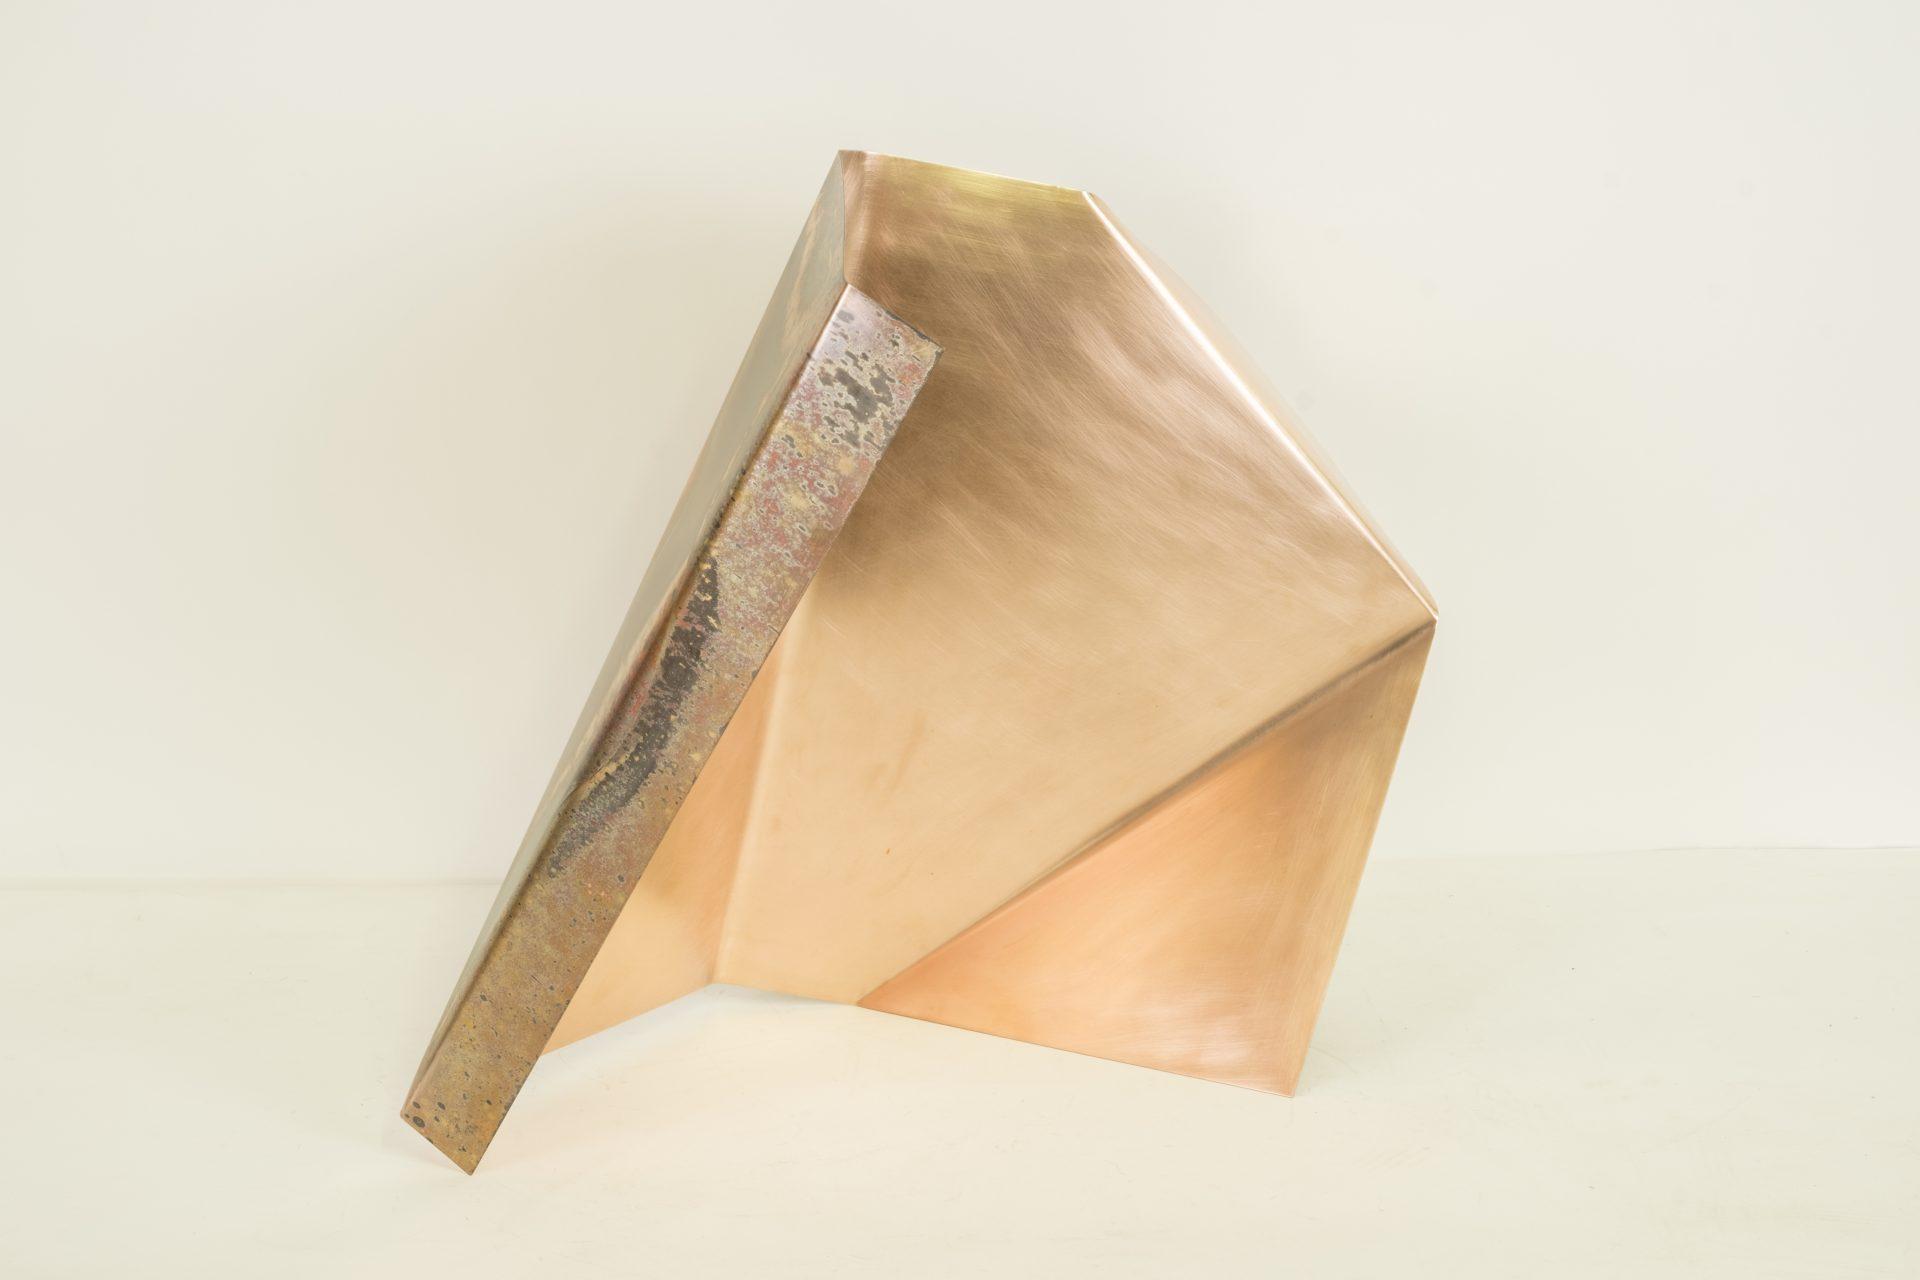 Genitori Forti<br>SPR07<br>misure: 63 x 52 x 30 cm<br>tecnica: scultura di rame<br>anno: 2018